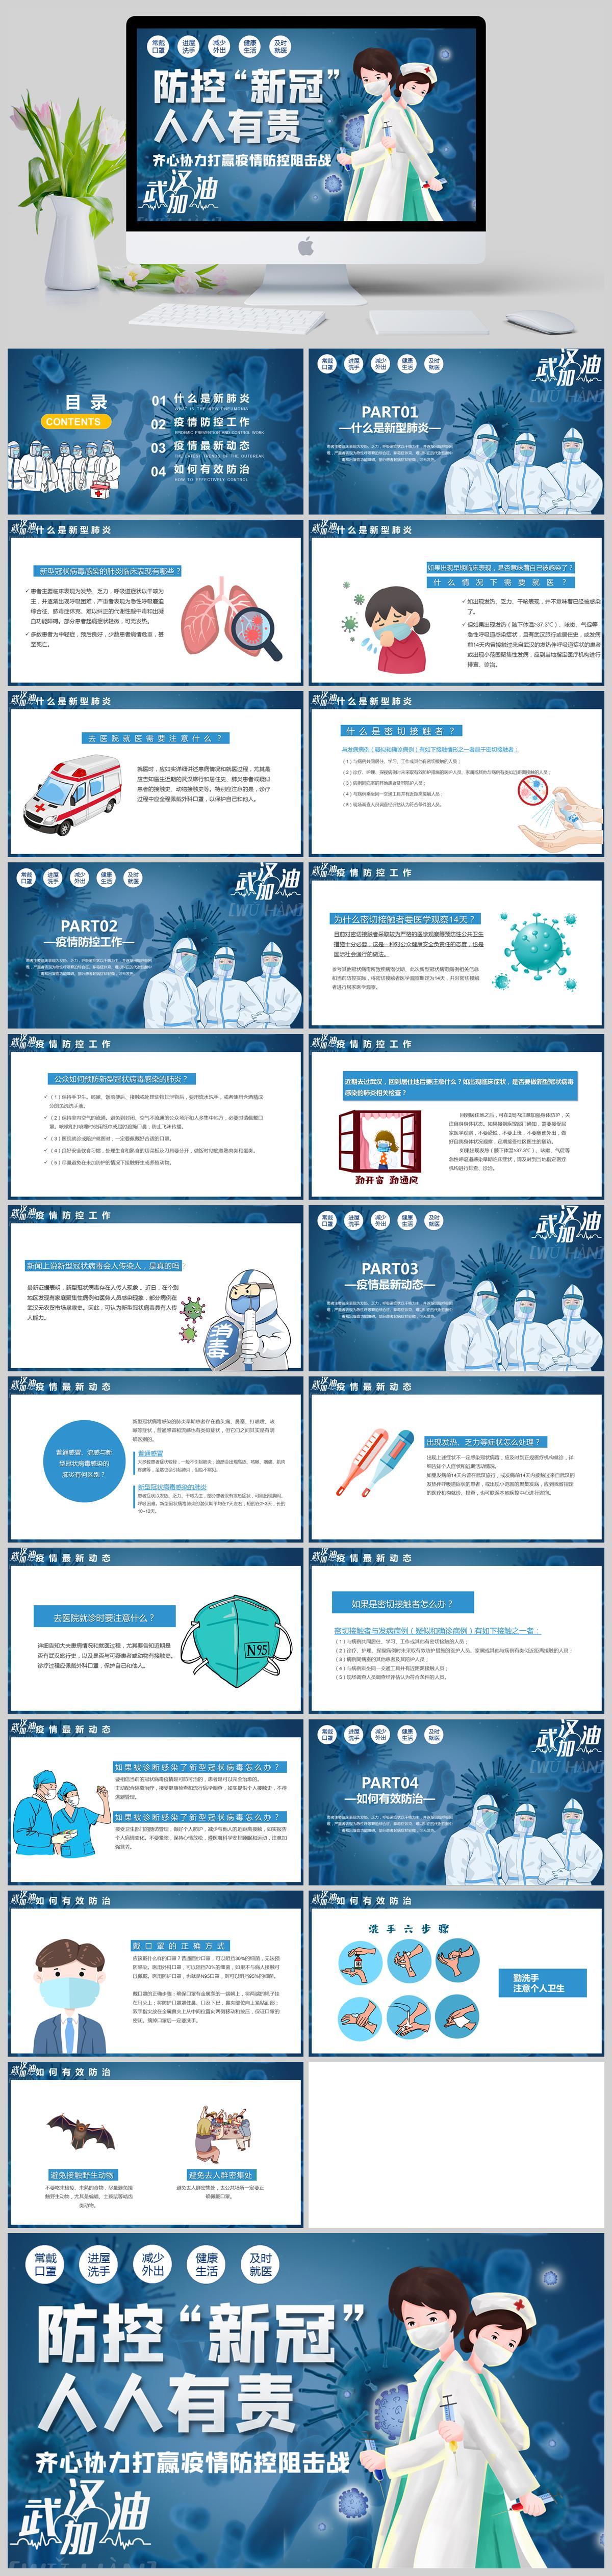 蓝色卡通防控新冠病毒疫情宣传PPT亚博体育主页